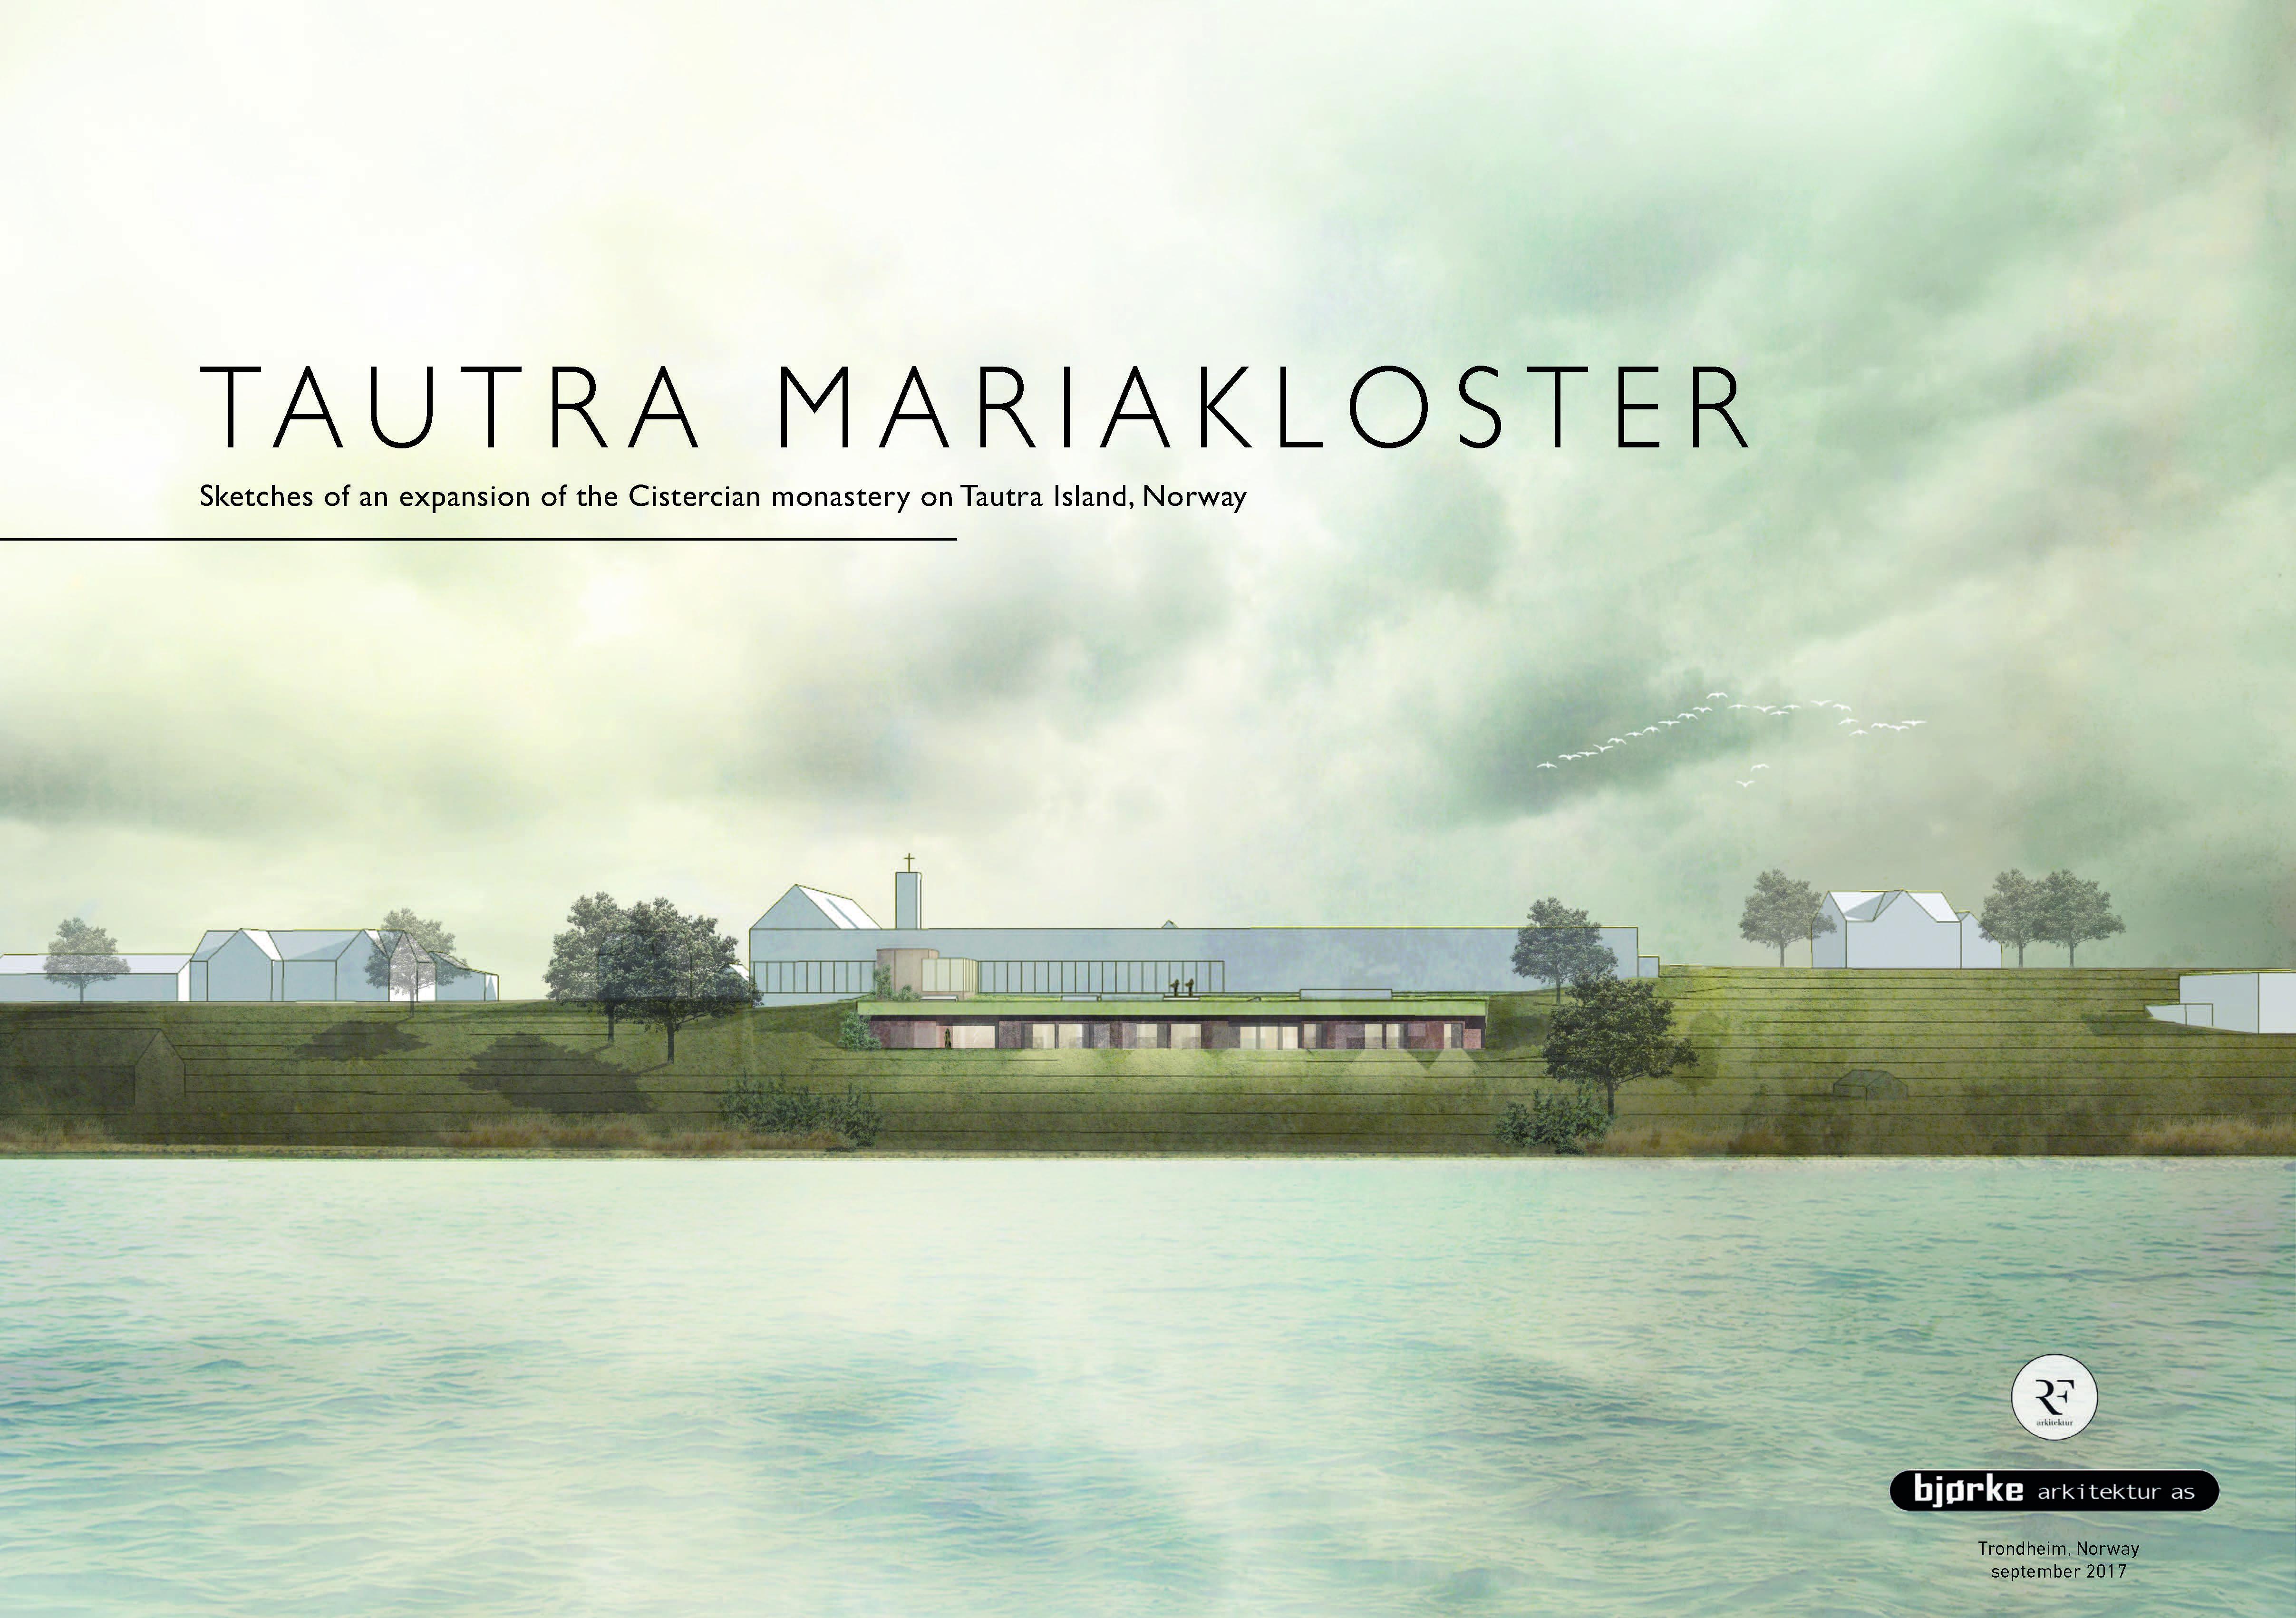 Utvidelse av Tautra Mariakloster